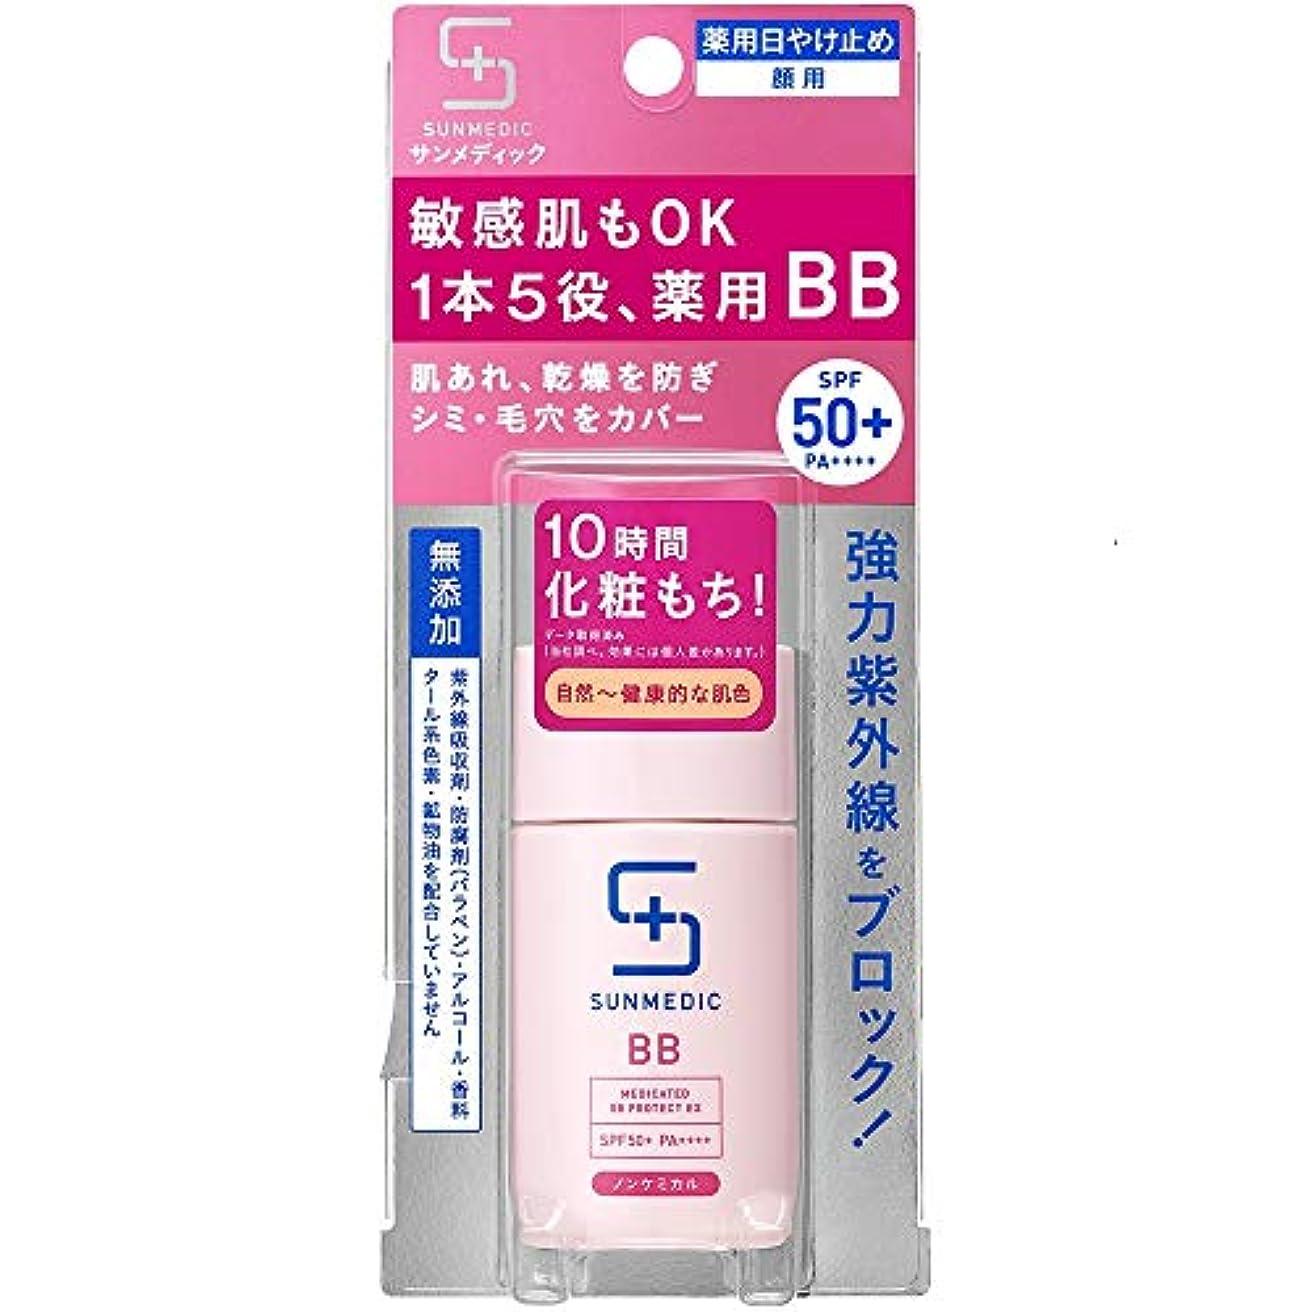 深遠オプション音楽家サンメディックUV 薬用BBプロテクトEX ナチュラル 30ml (医薬部外品)